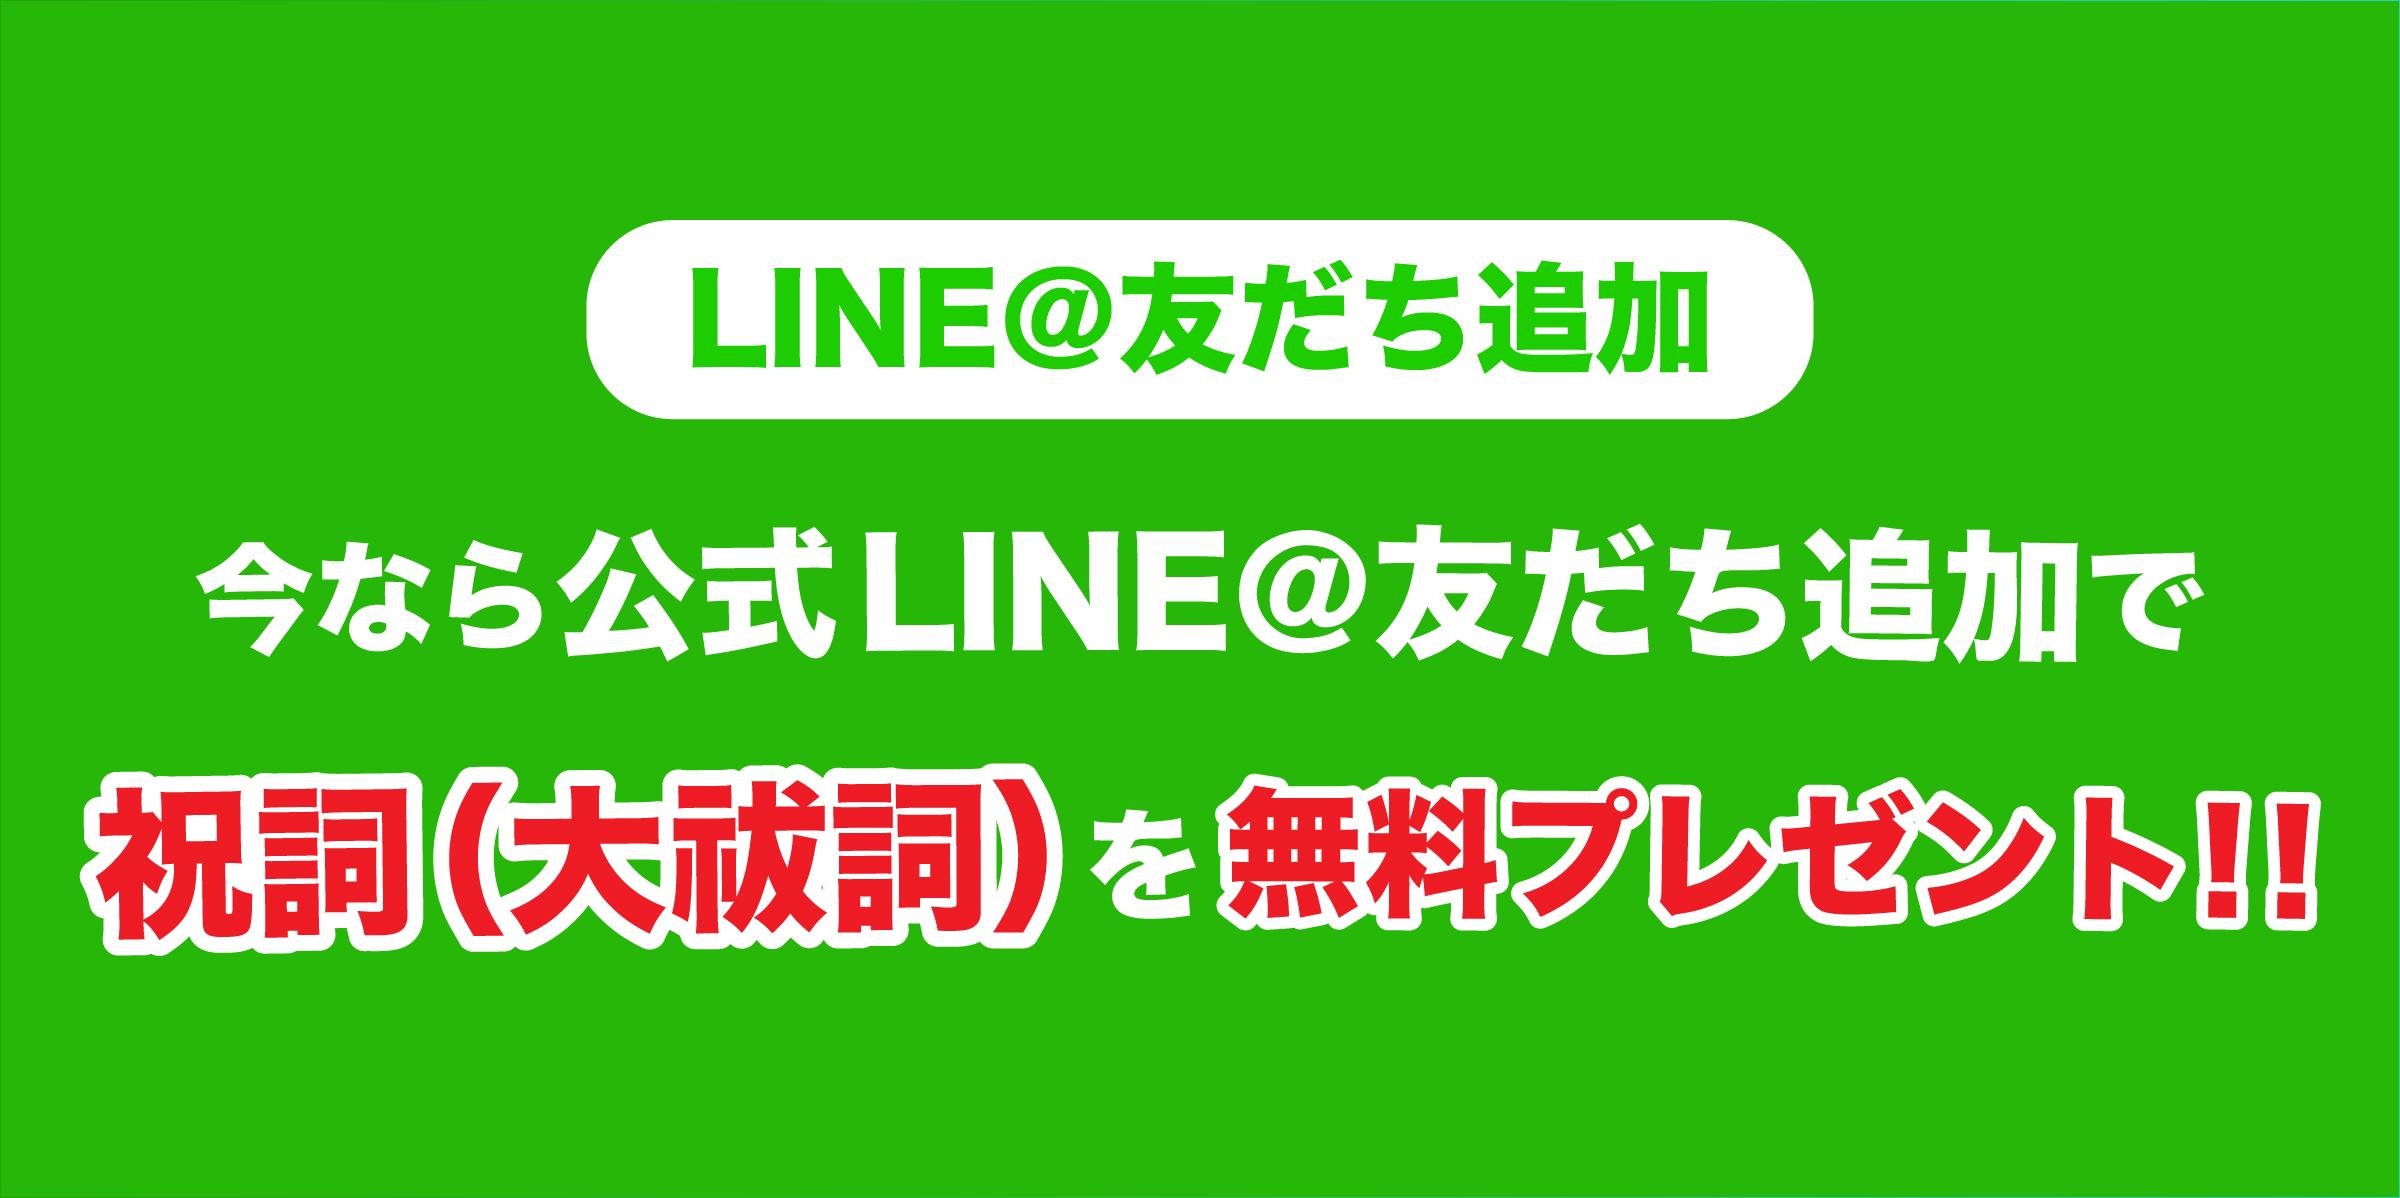 公式LINE@友だち追加で無料プレゼント